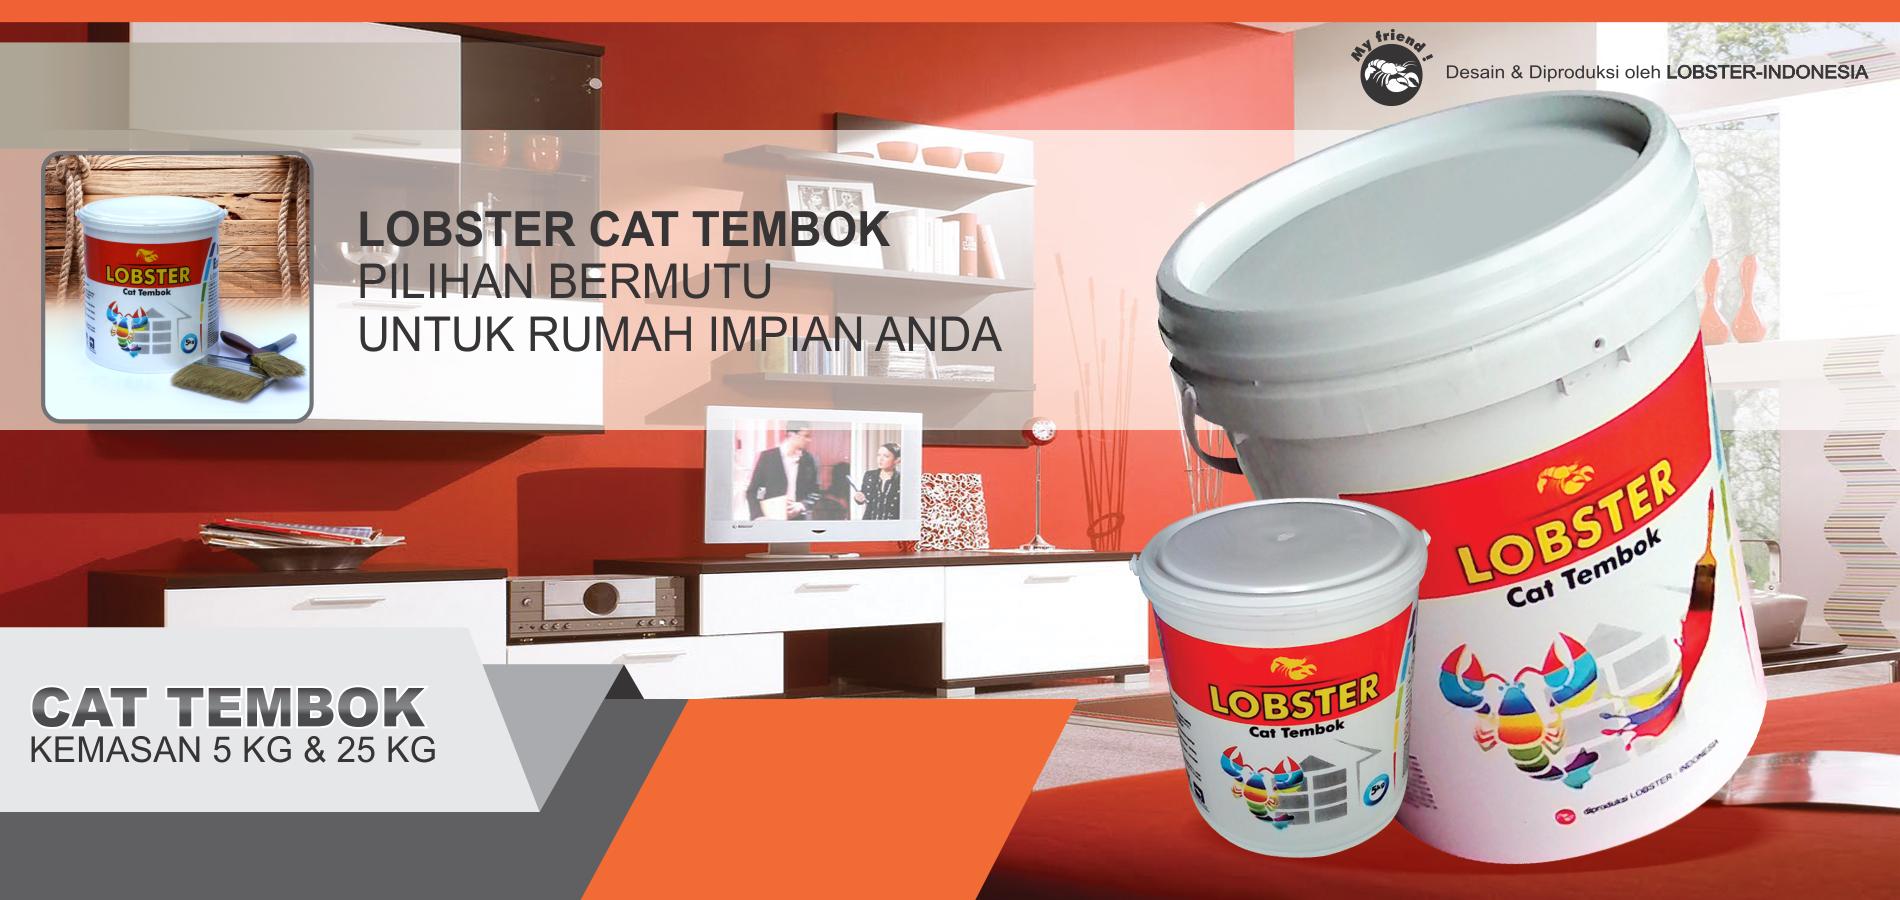 CAT TEMBOK